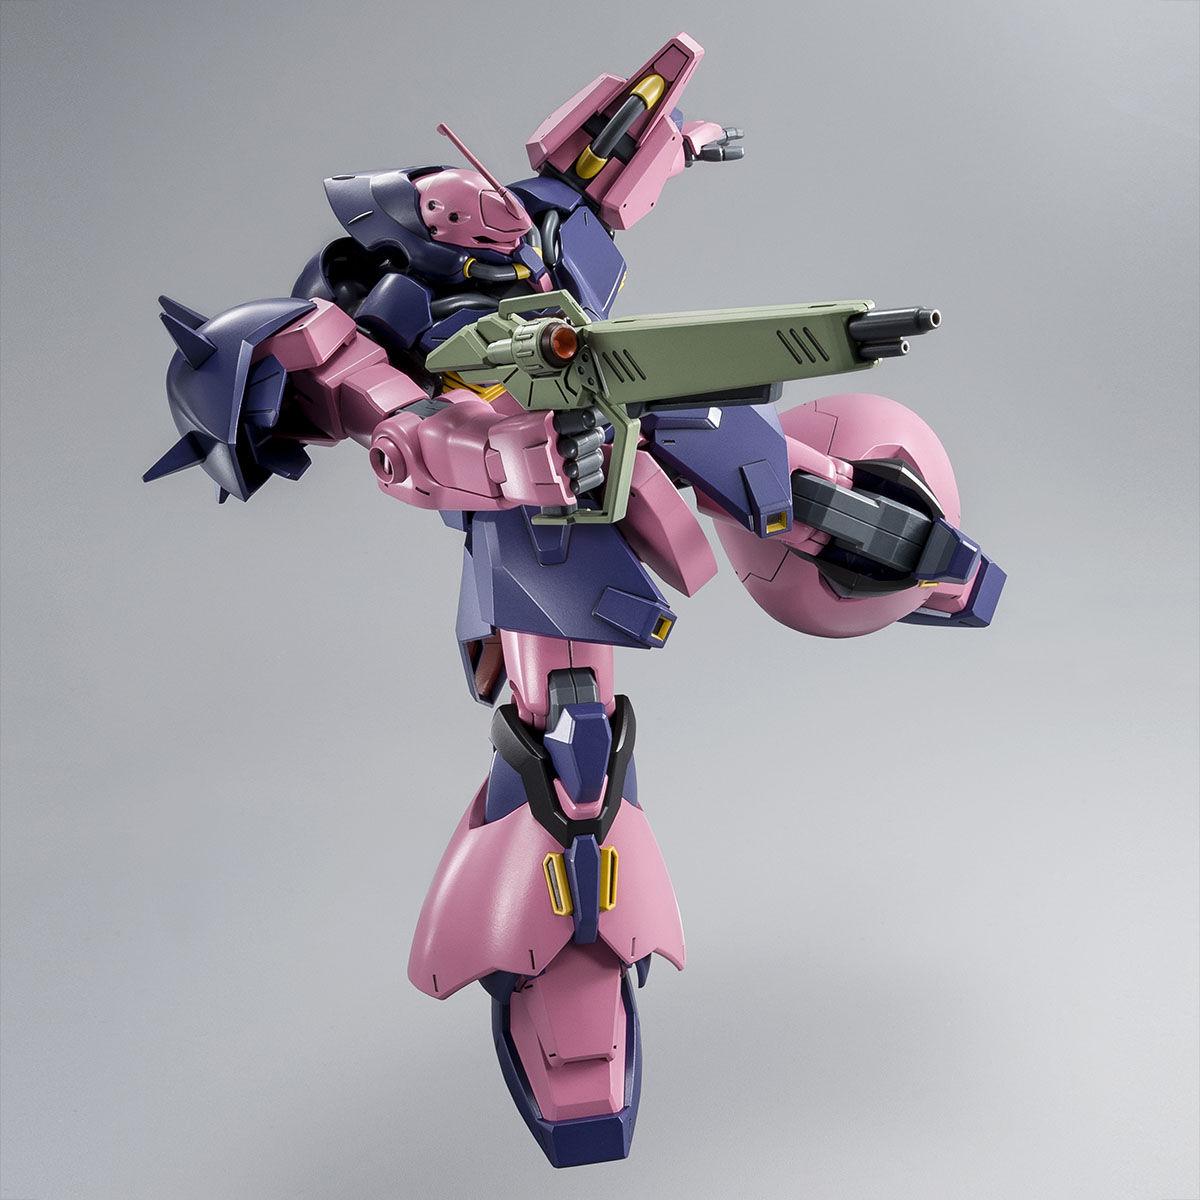 【限定販売】HG 1/144『メッサーF02型』機動戦士ガンダム 閃光のハサウェイ プラモデル-013